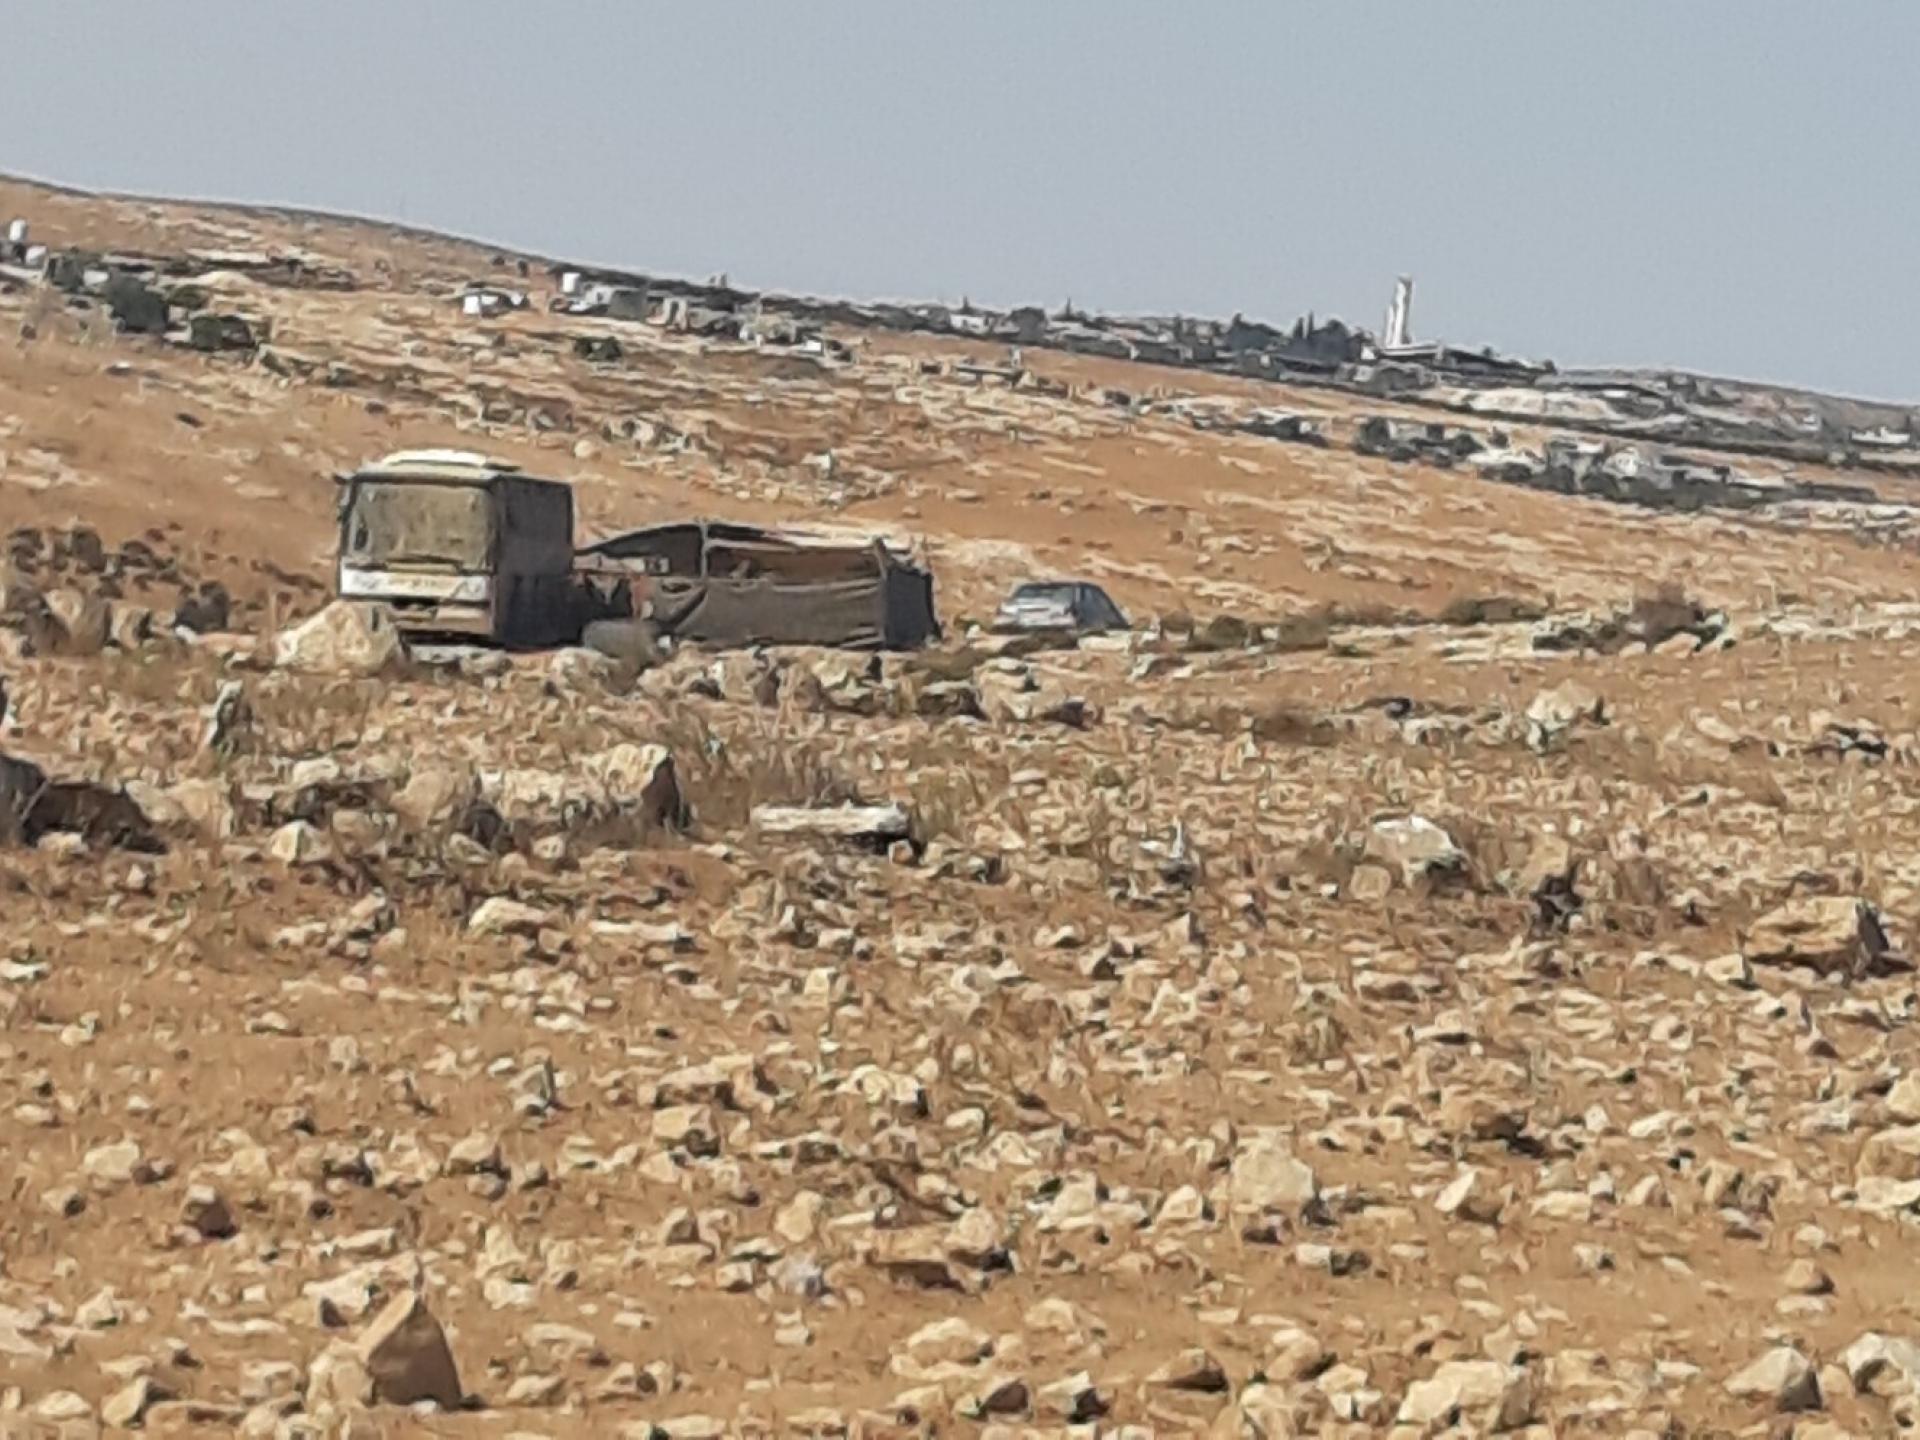 אוטובוס שהוסב למגורים במאחז לא חוקי בדרום הר חברון